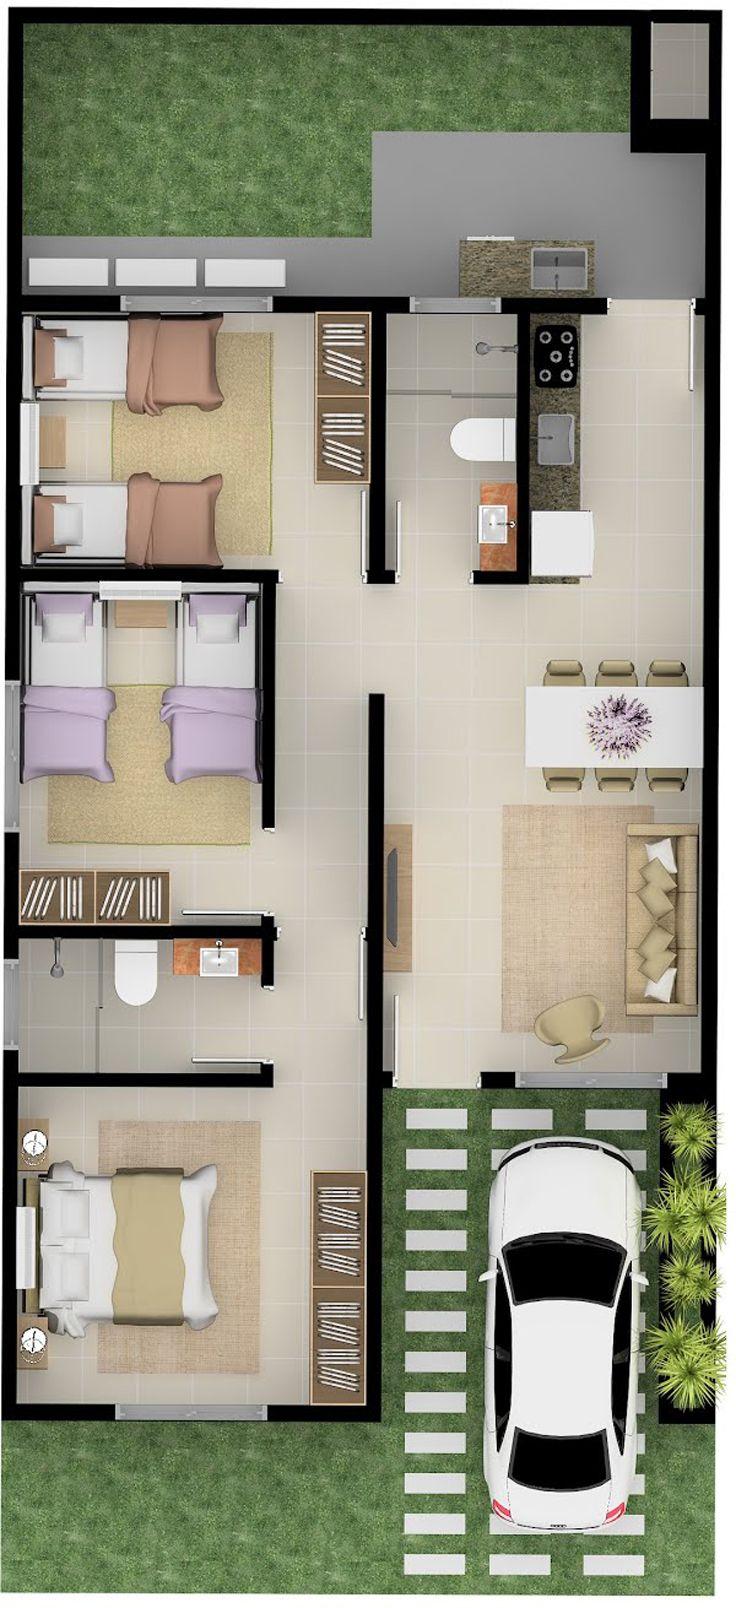 Projeto De Casa Sala Projetos De Casas Simples Plantas De Casas Casas Com 3 Quartos